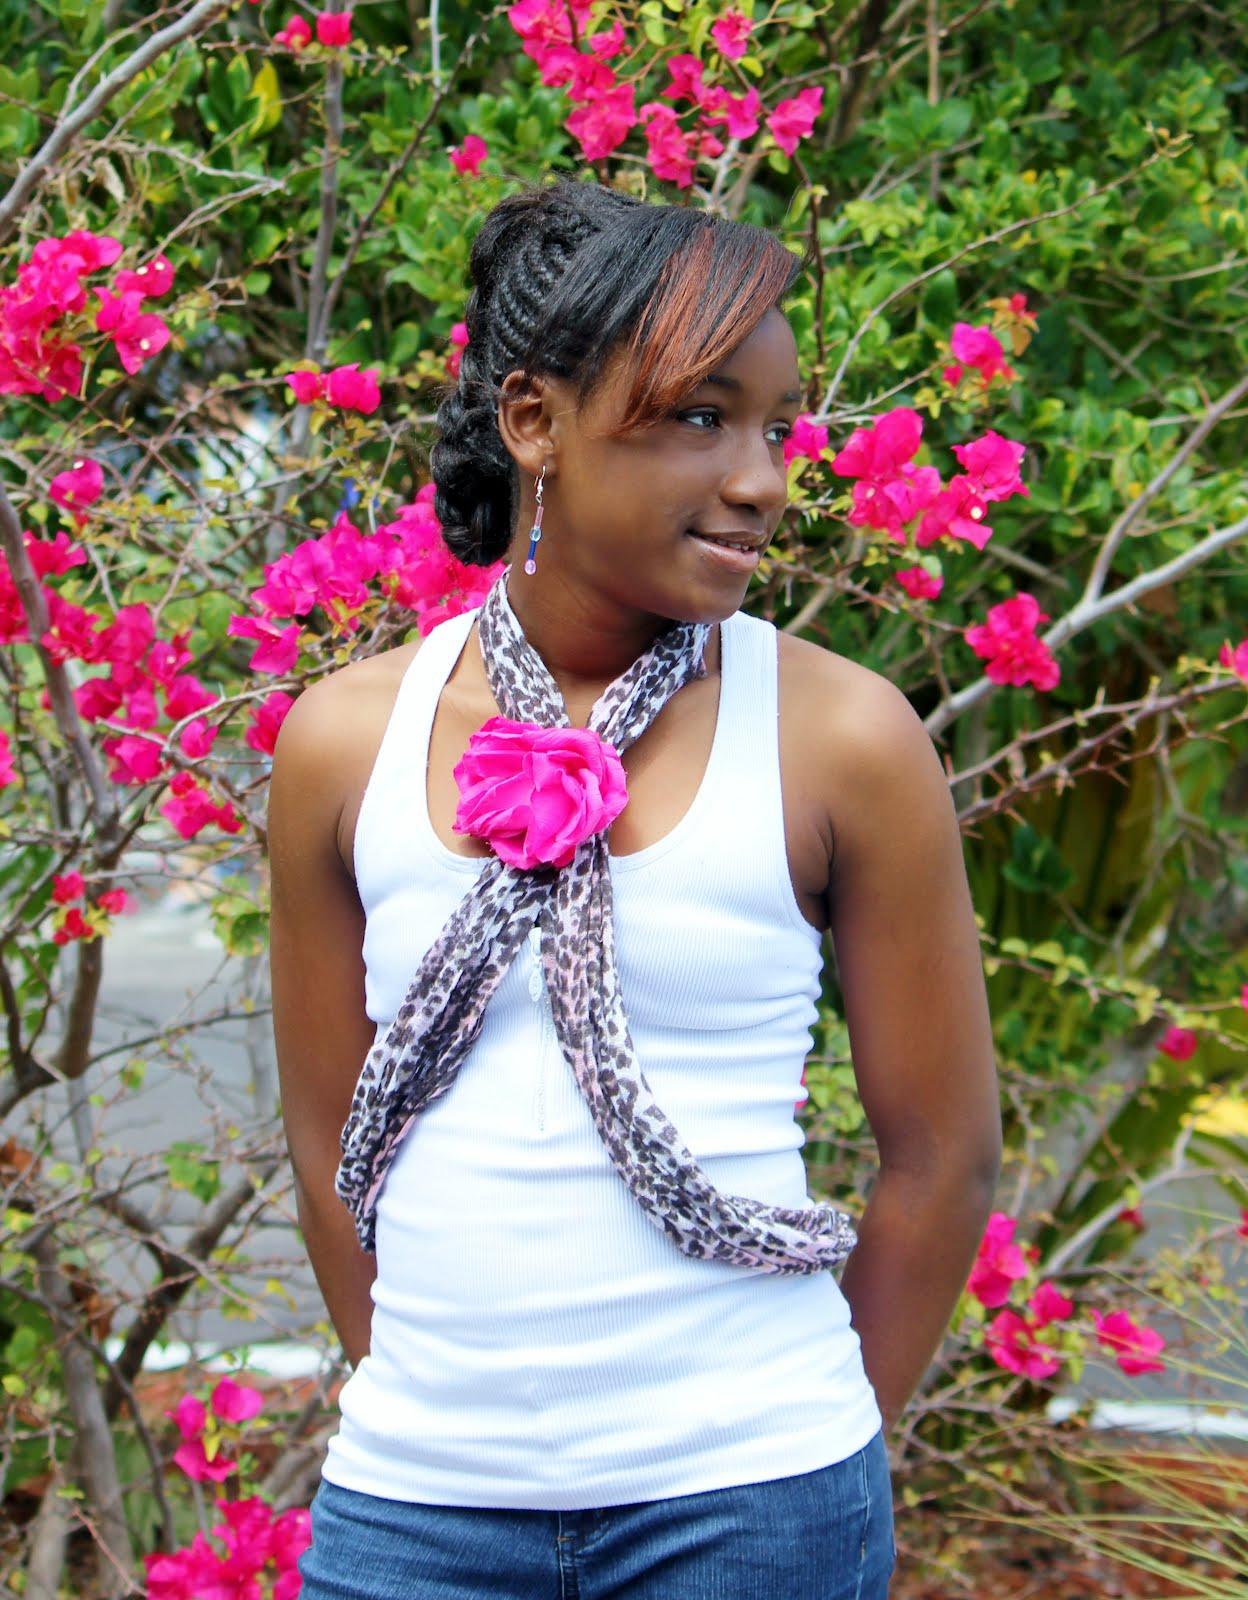 POSE child modeling mag Junior Fashion Experts: Tinishas